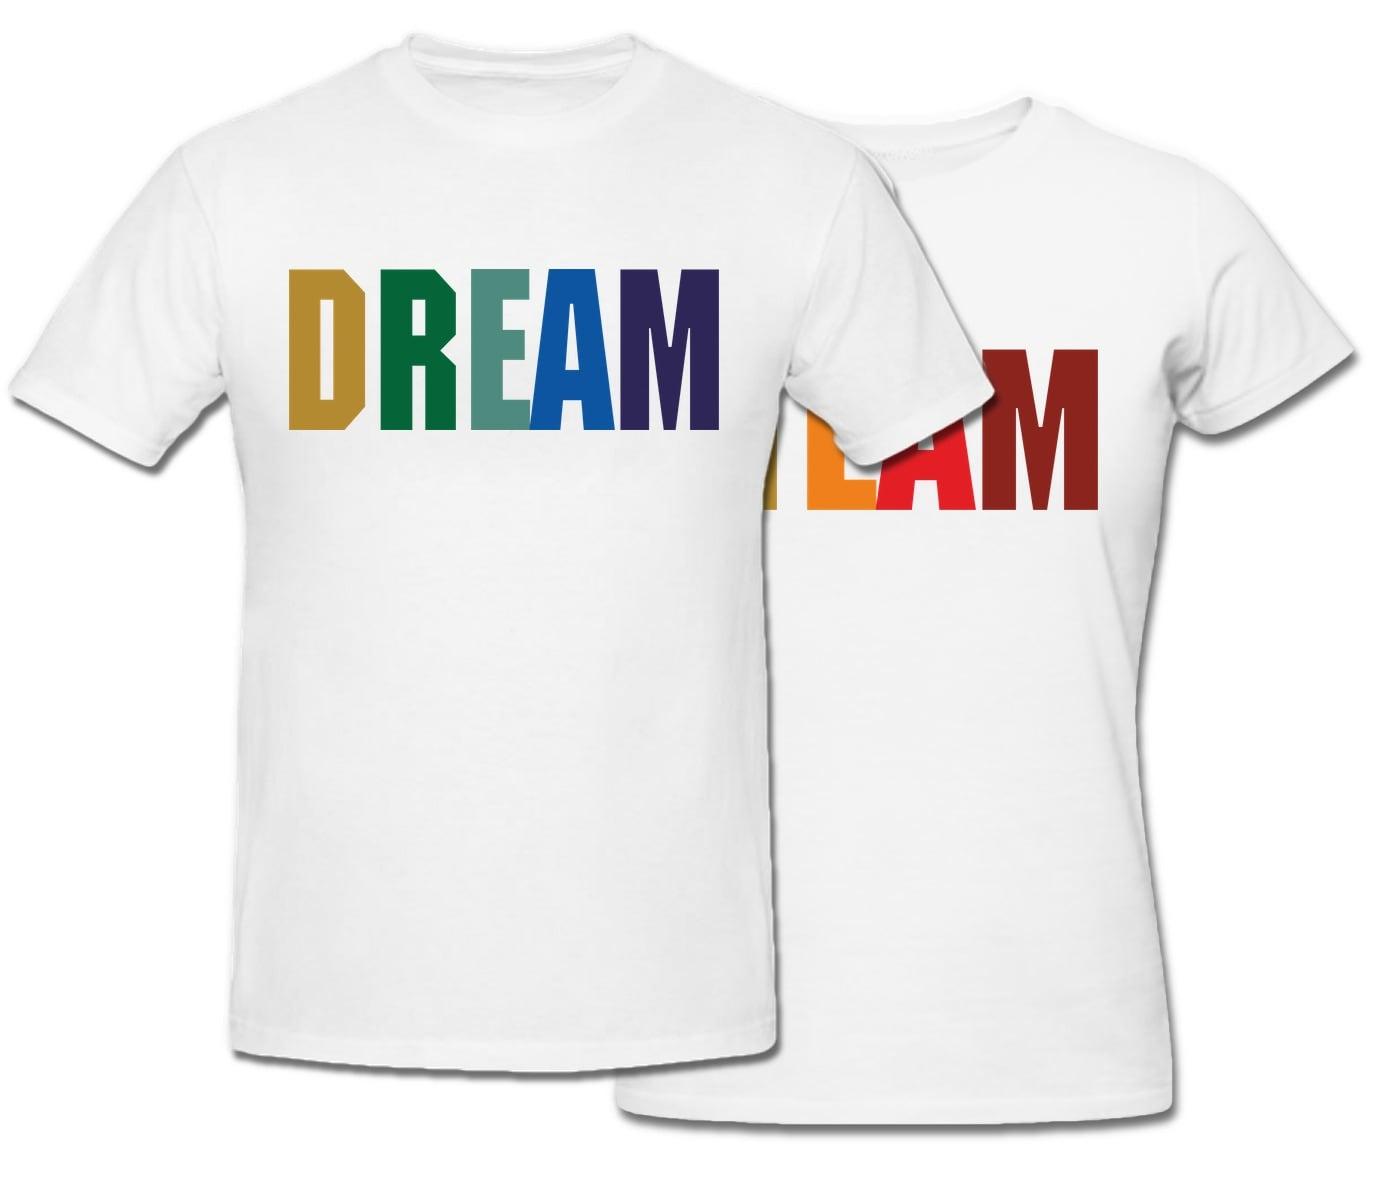 Комплект прикольных парных футболок с принтом *Dream Team*